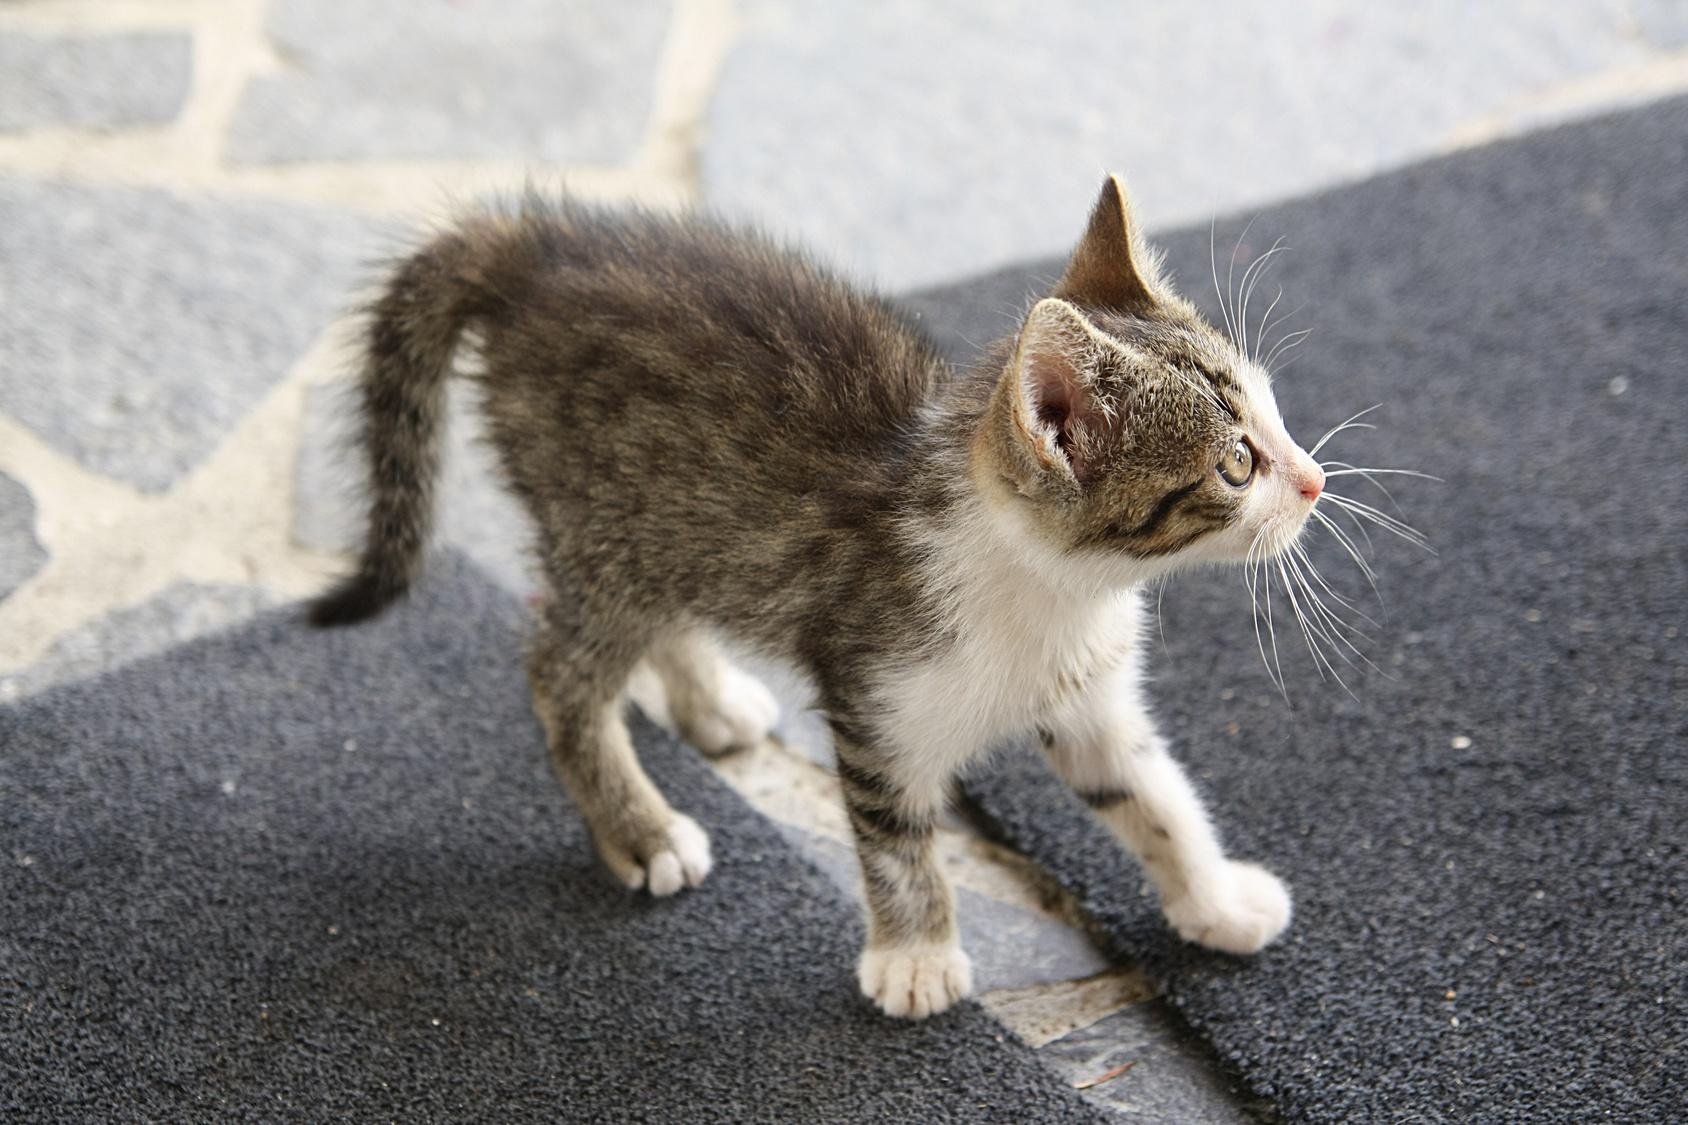 Kot dachowiec - Szymon Mazur